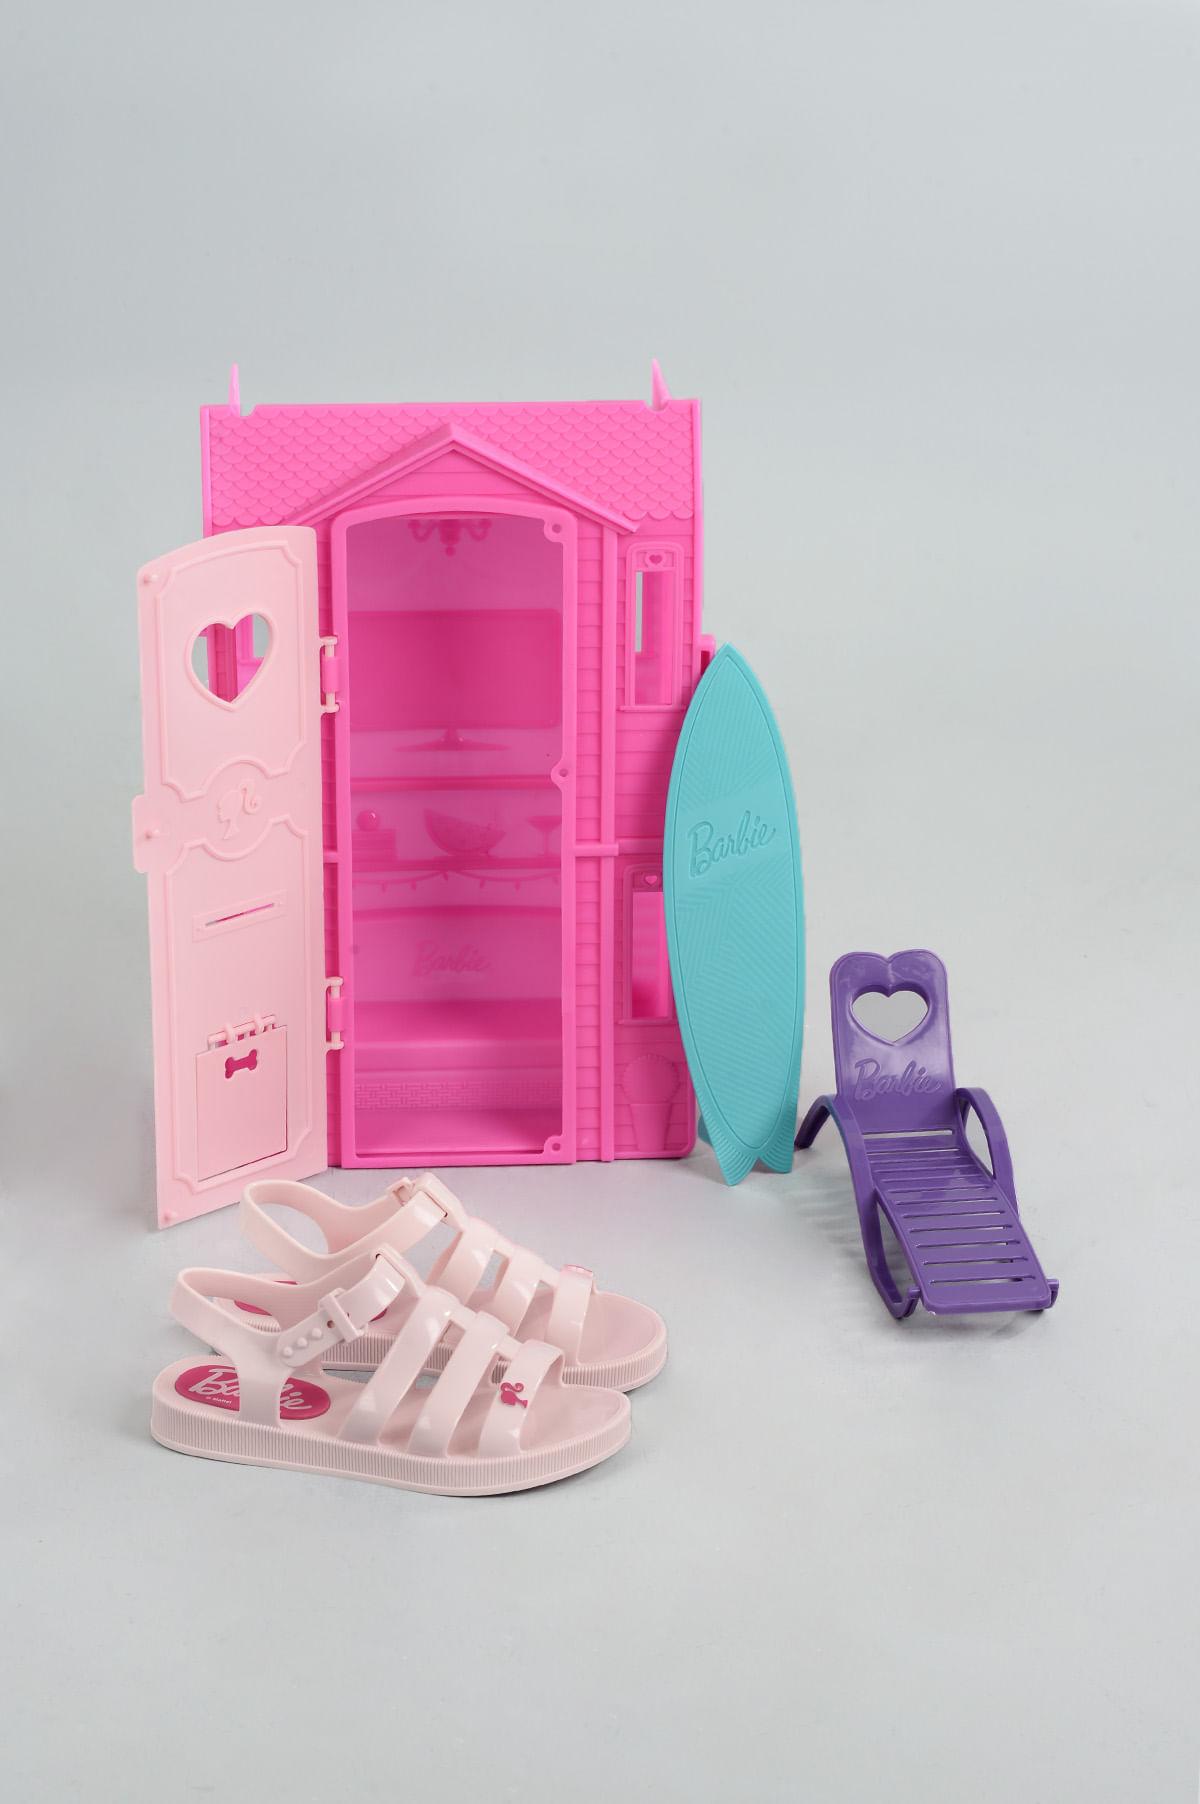 b919be556 Sandália Infantil Barbie Dream House DIVERSOS - ROSA - Mundial Calçados